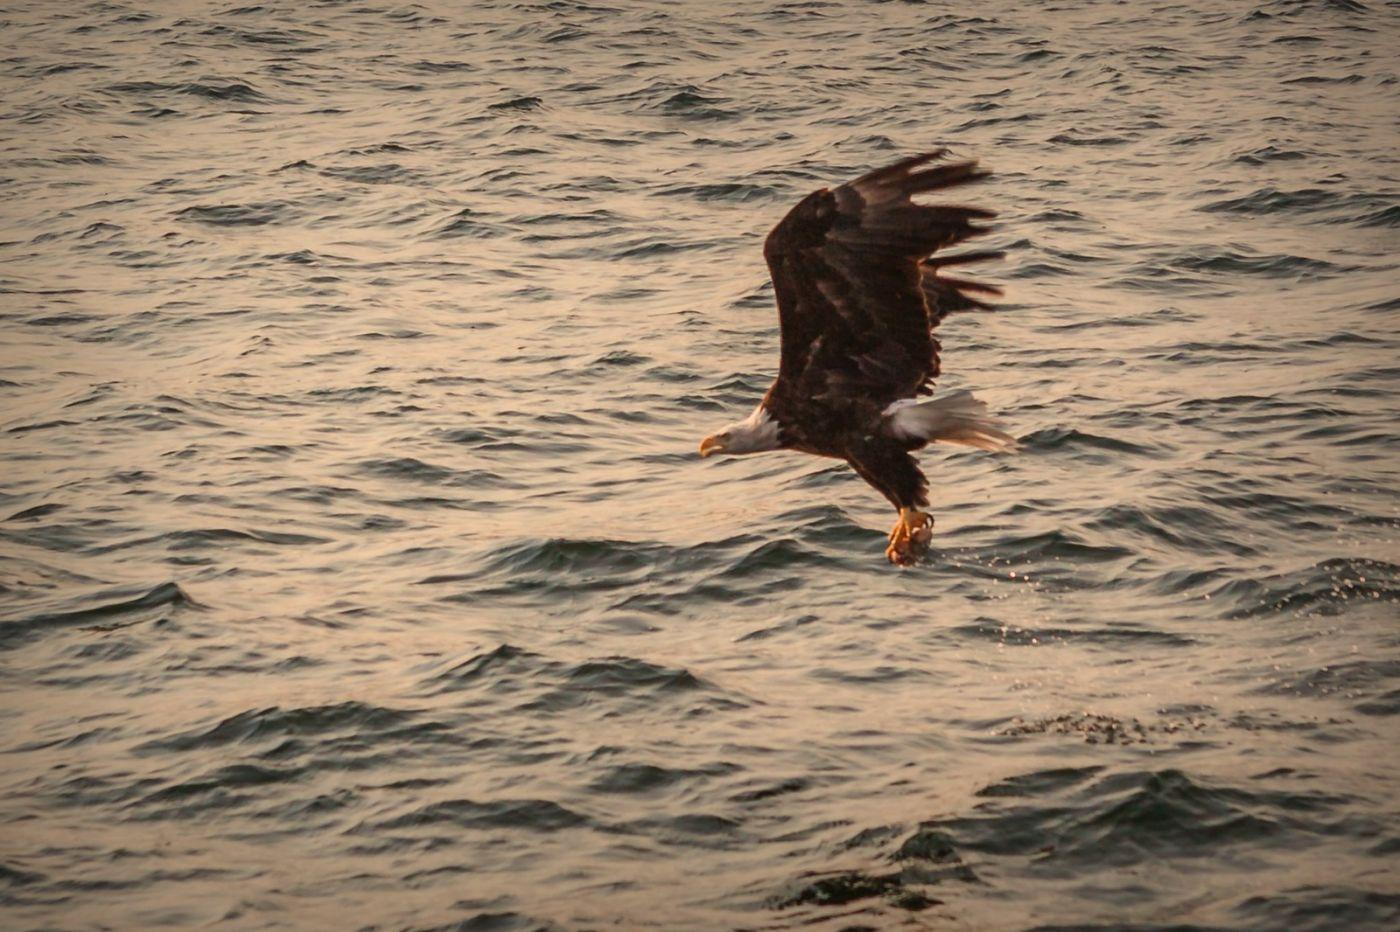 加拿大Nova Scotia, 帆船灯塔老鹰_图1-4